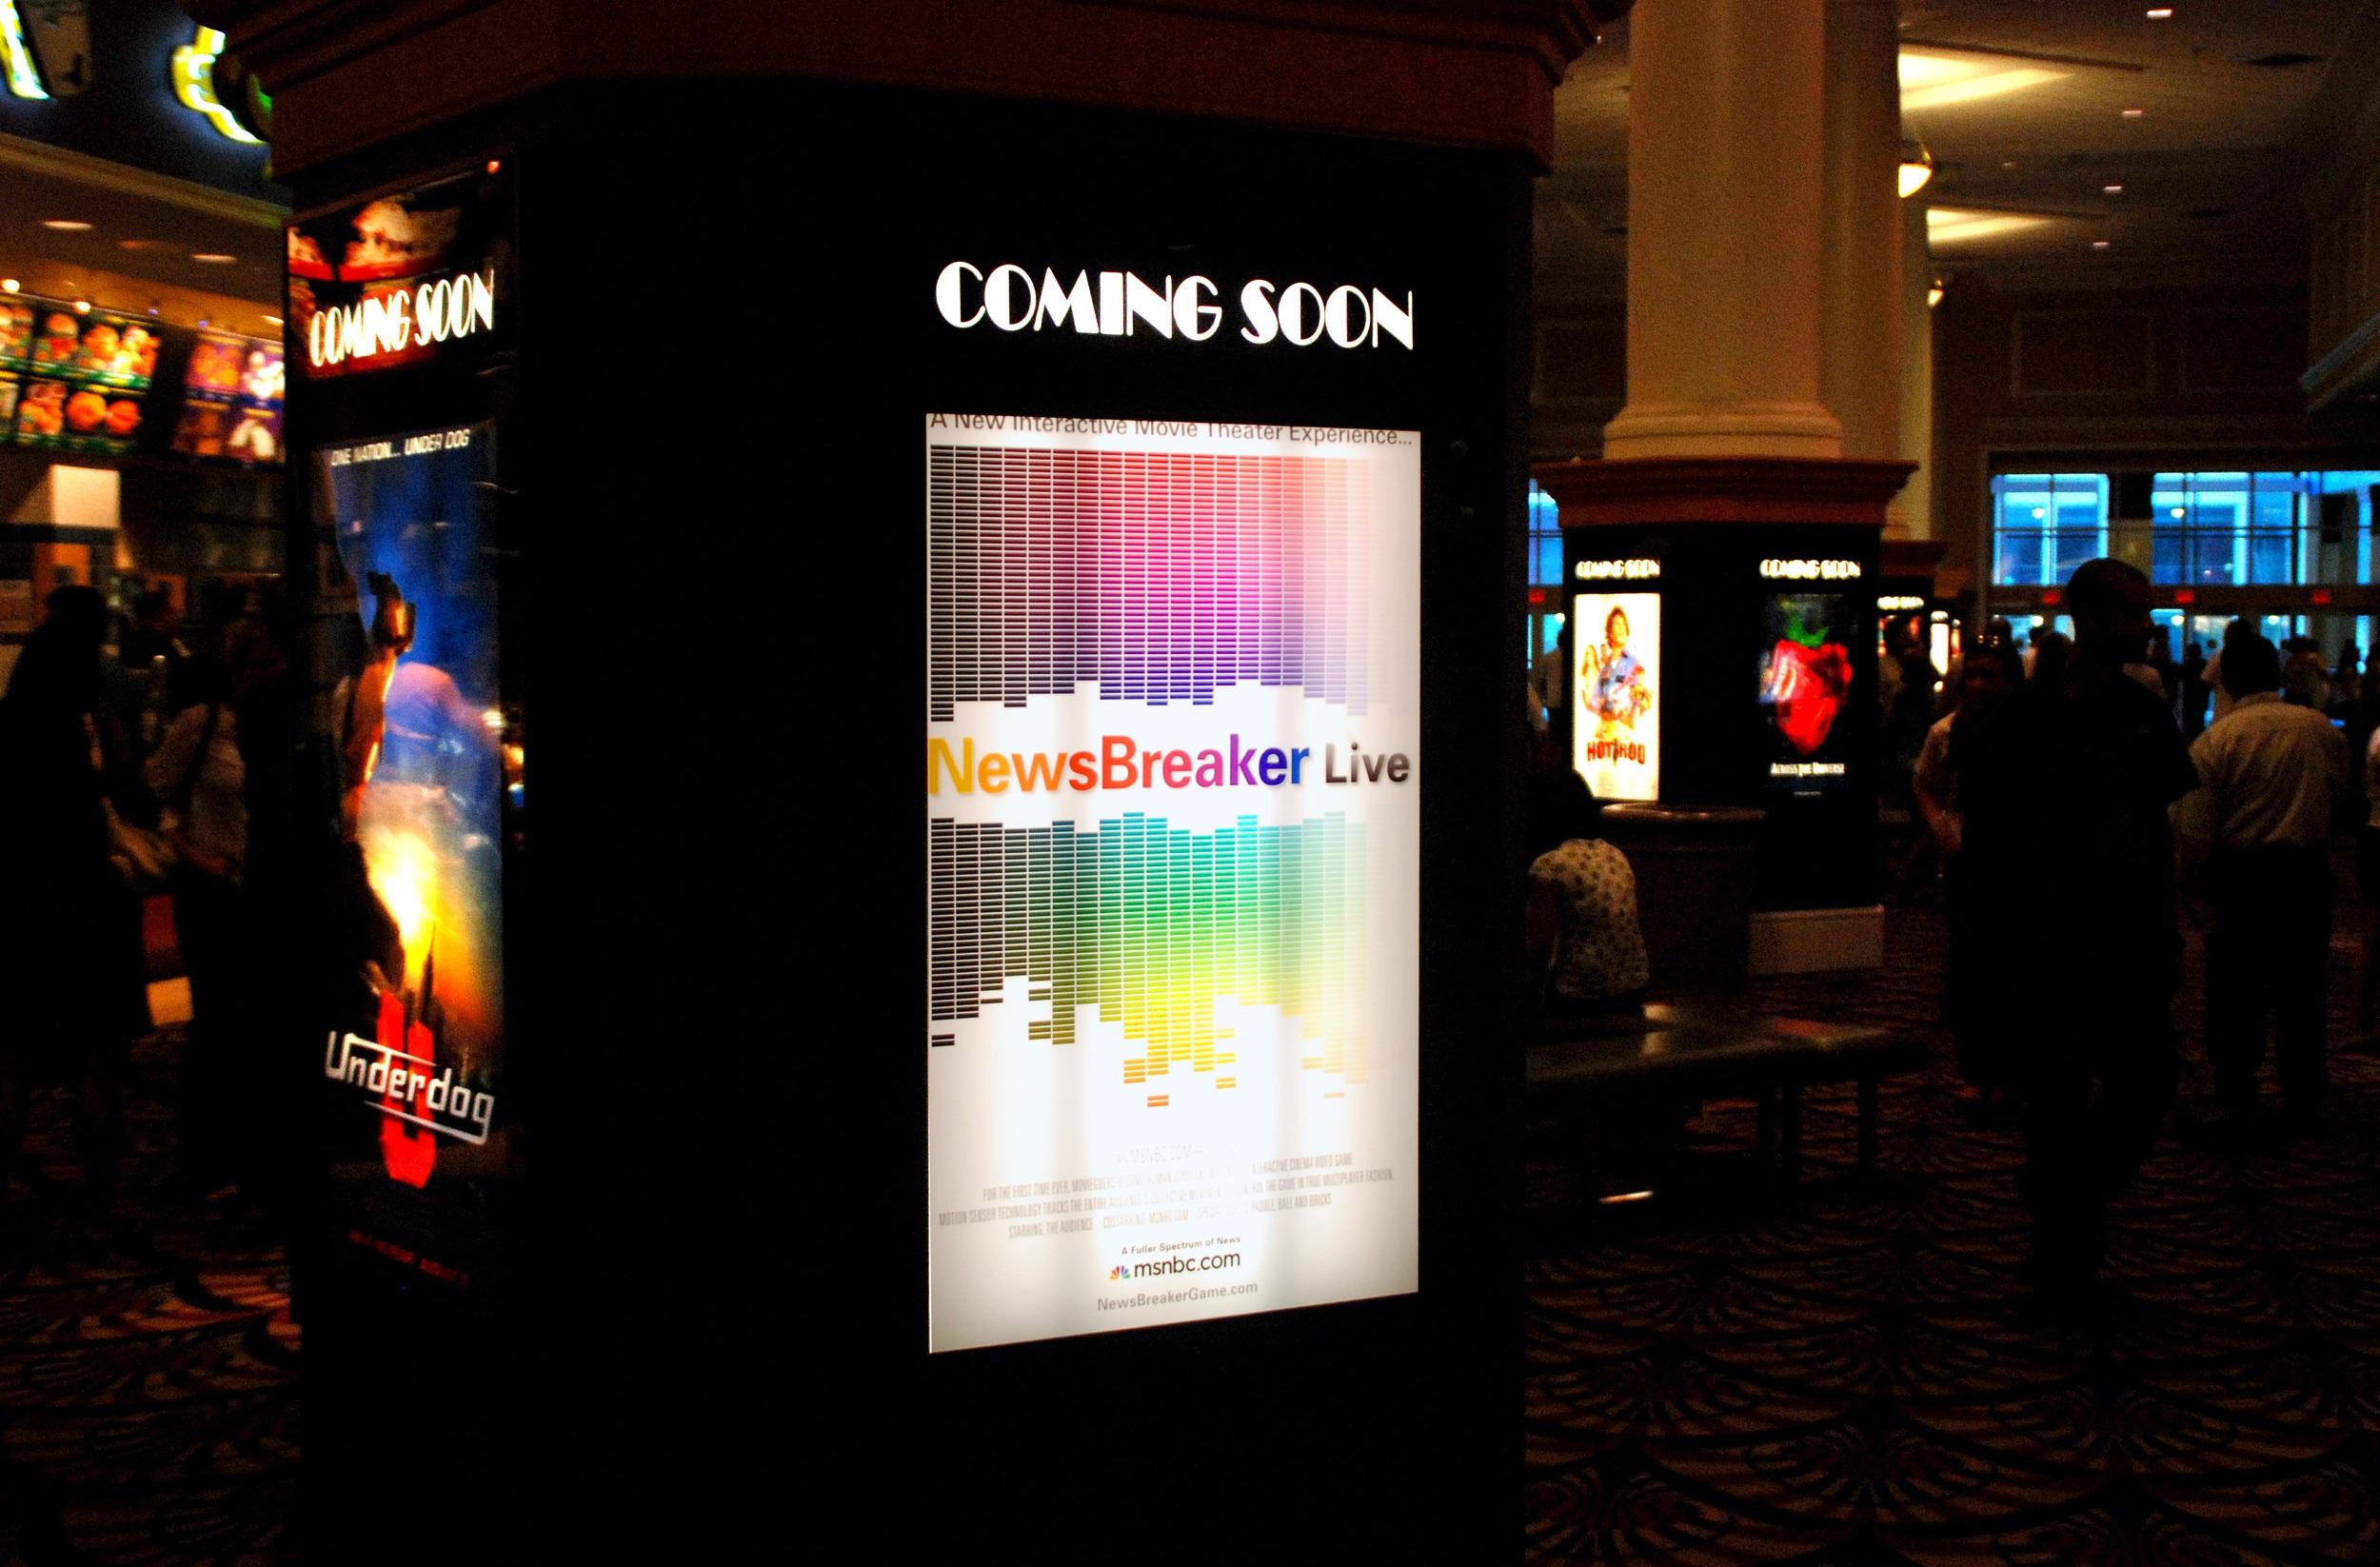 Newsbreaker-Live-movie-poster.jpg